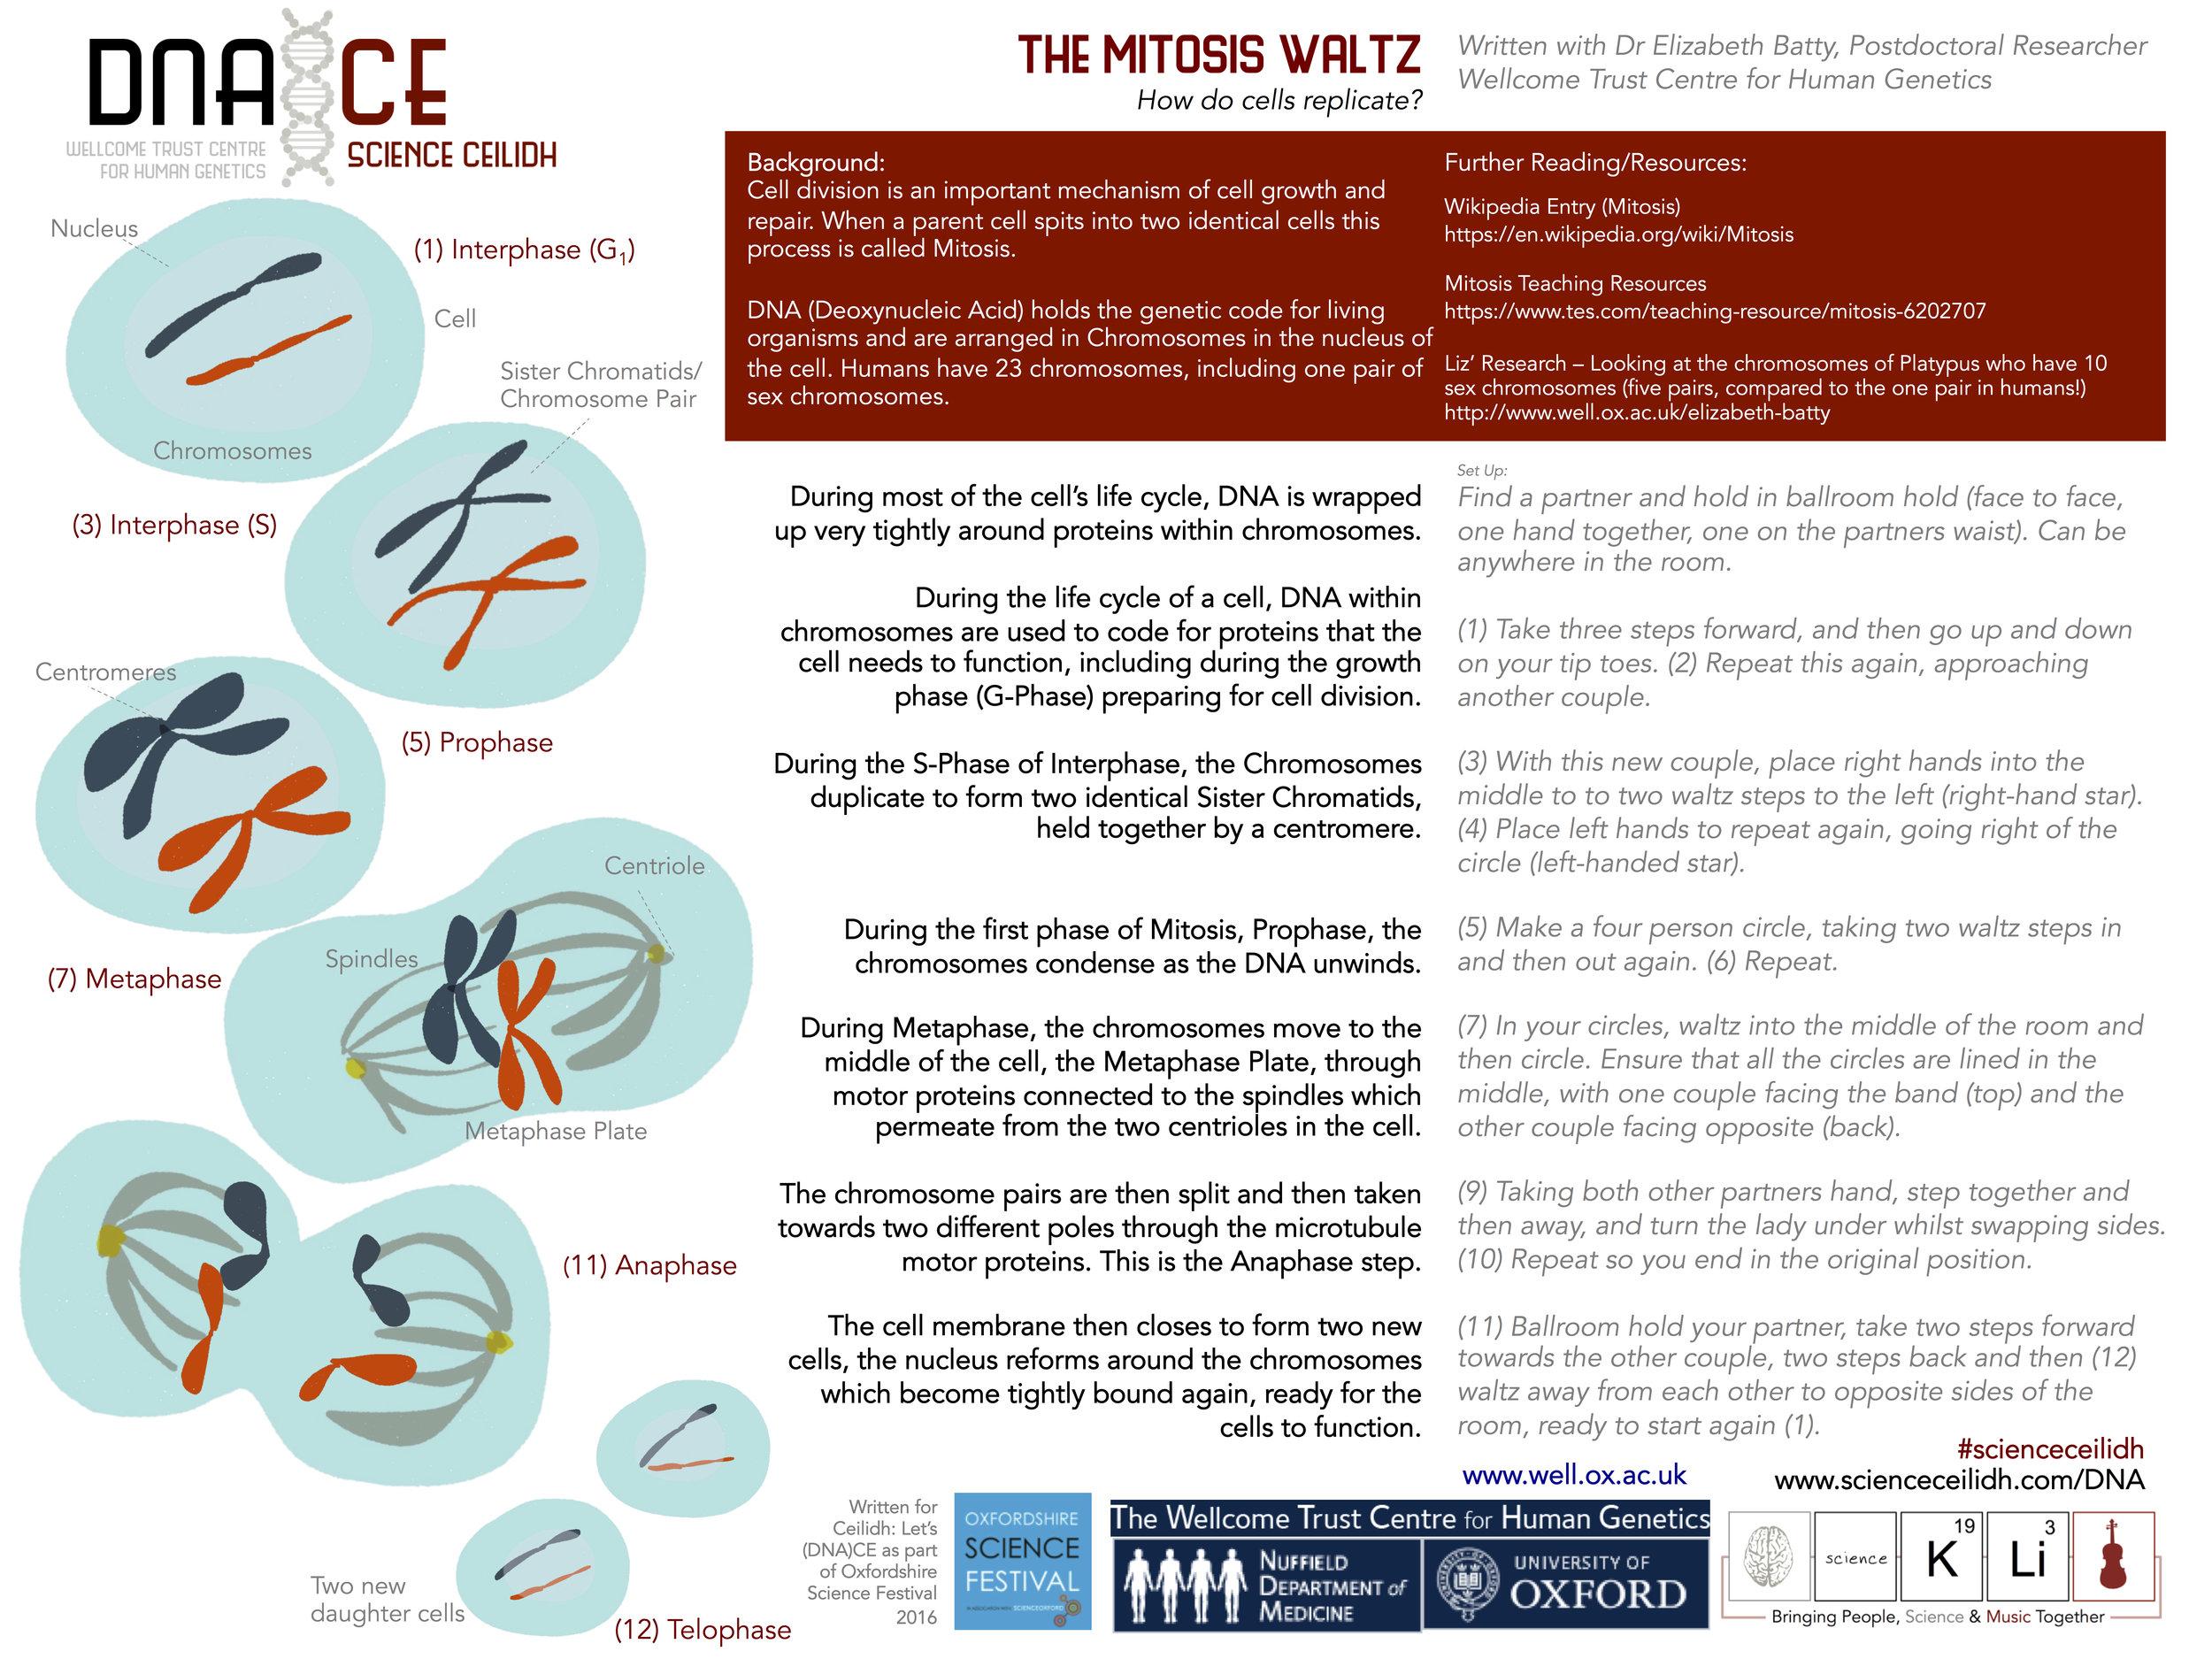 Mitosis Waltz Final.jpg